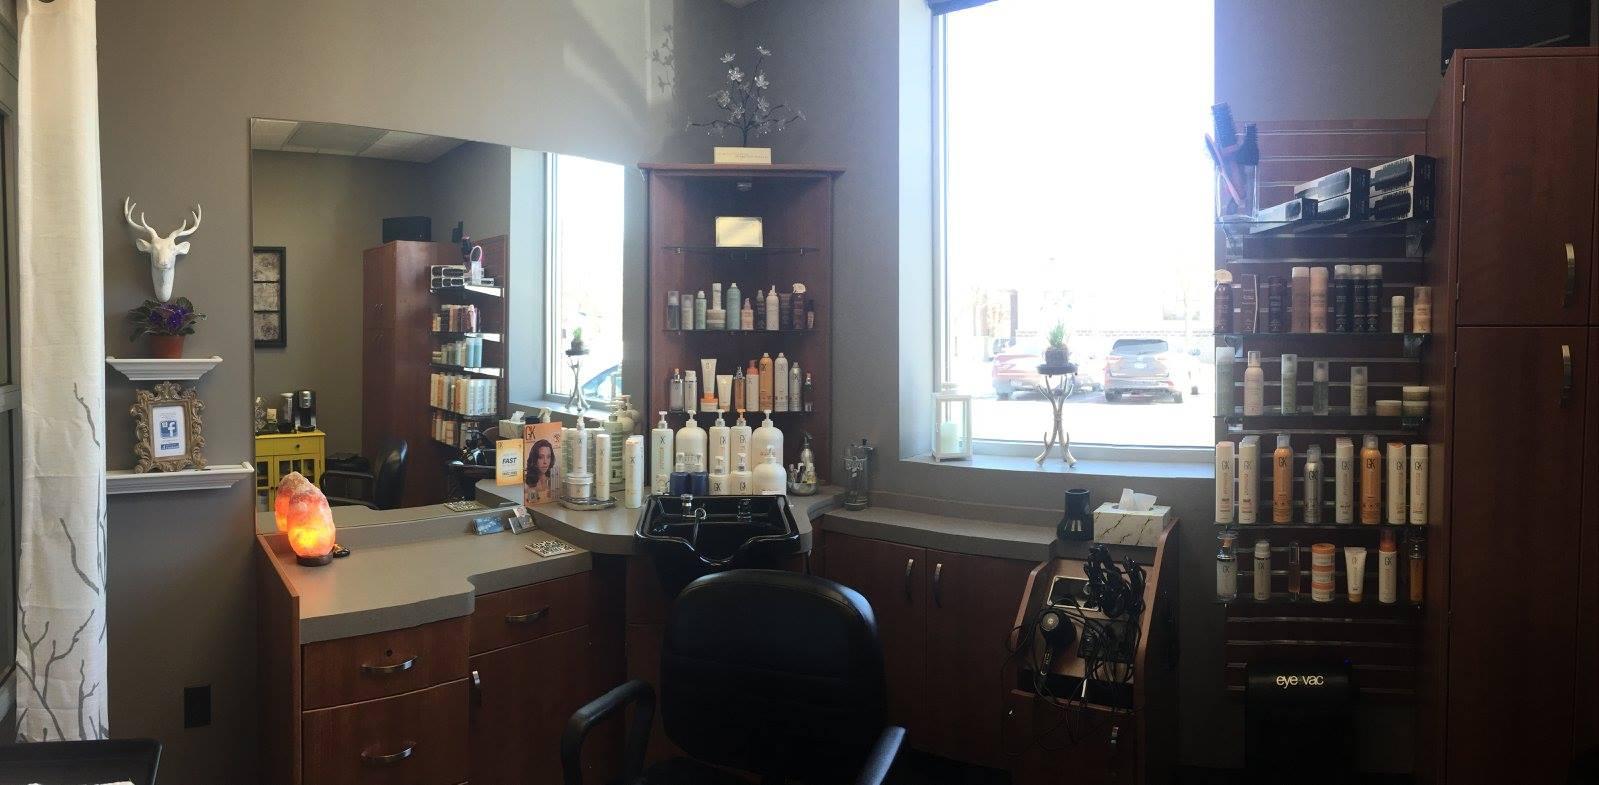 Sola Salon 688 Hague Ave, St Paul